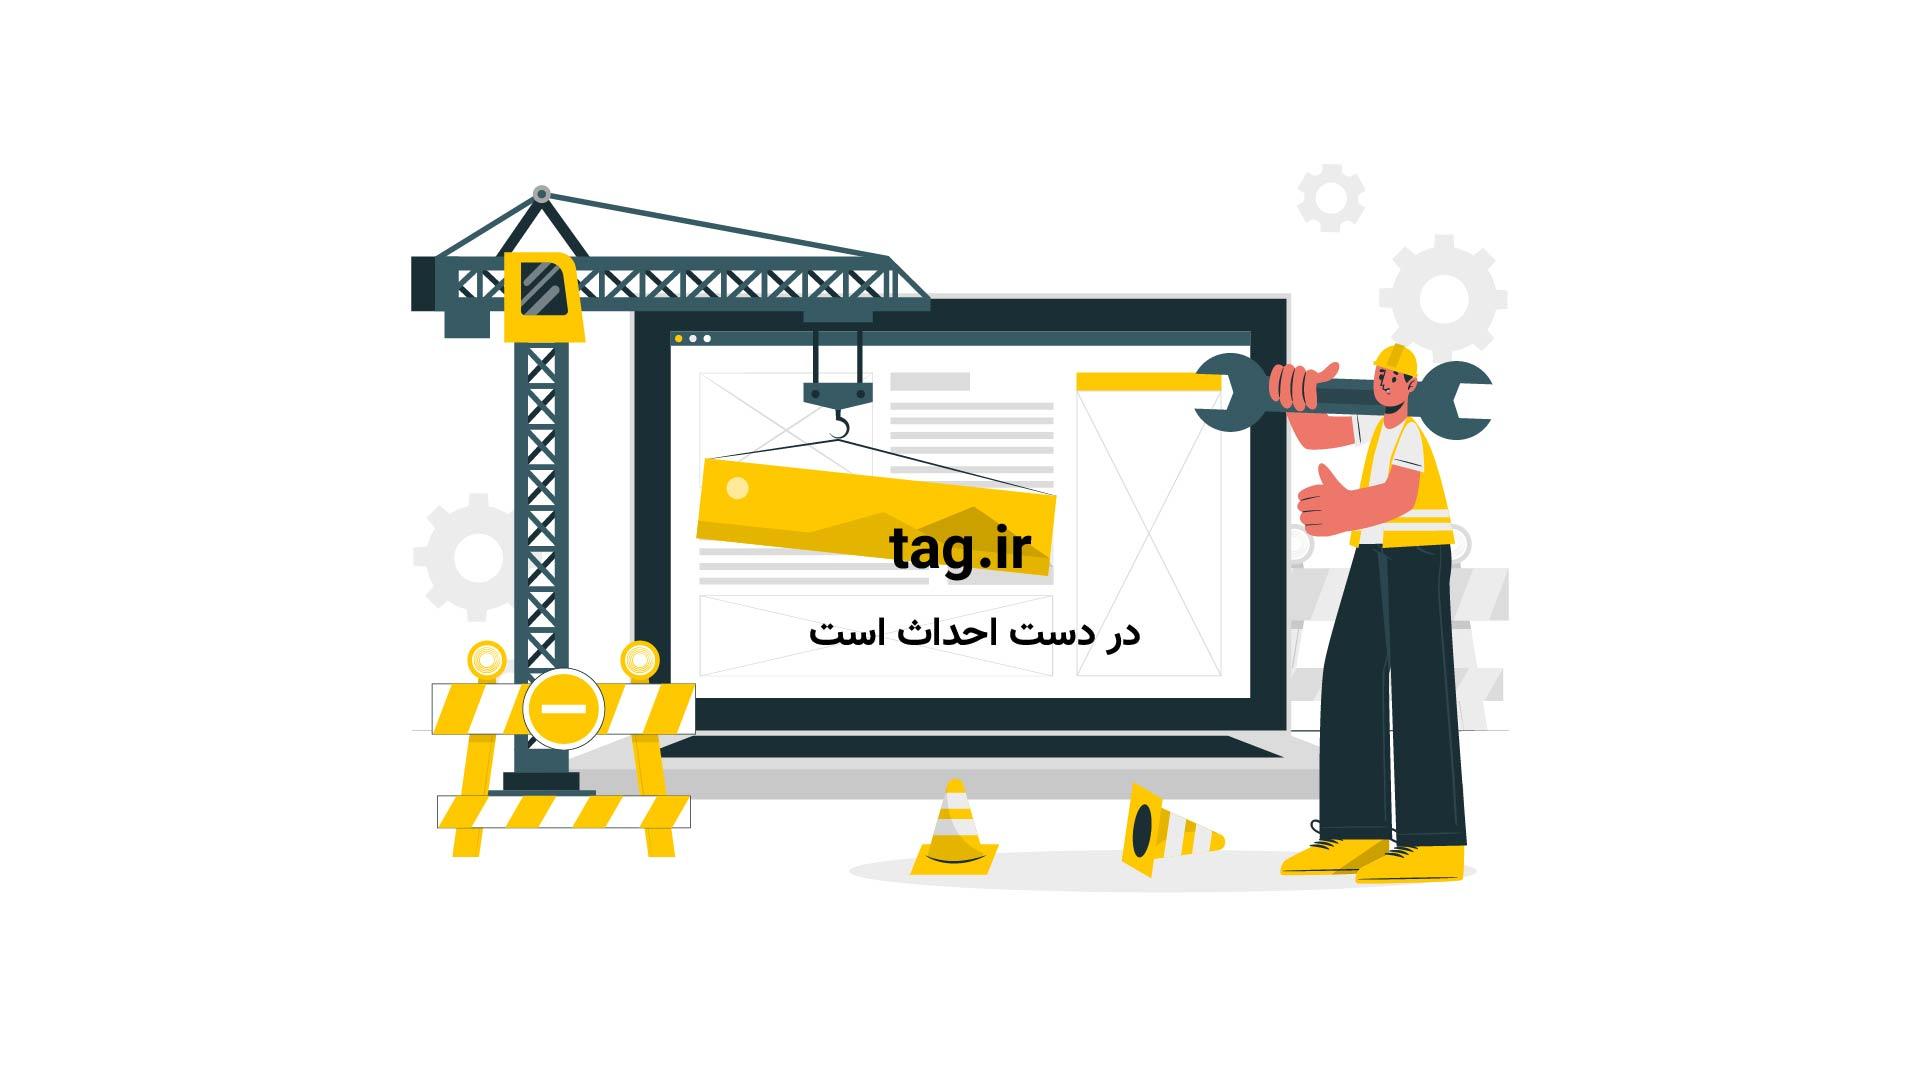 نقاشی الماس | تگ